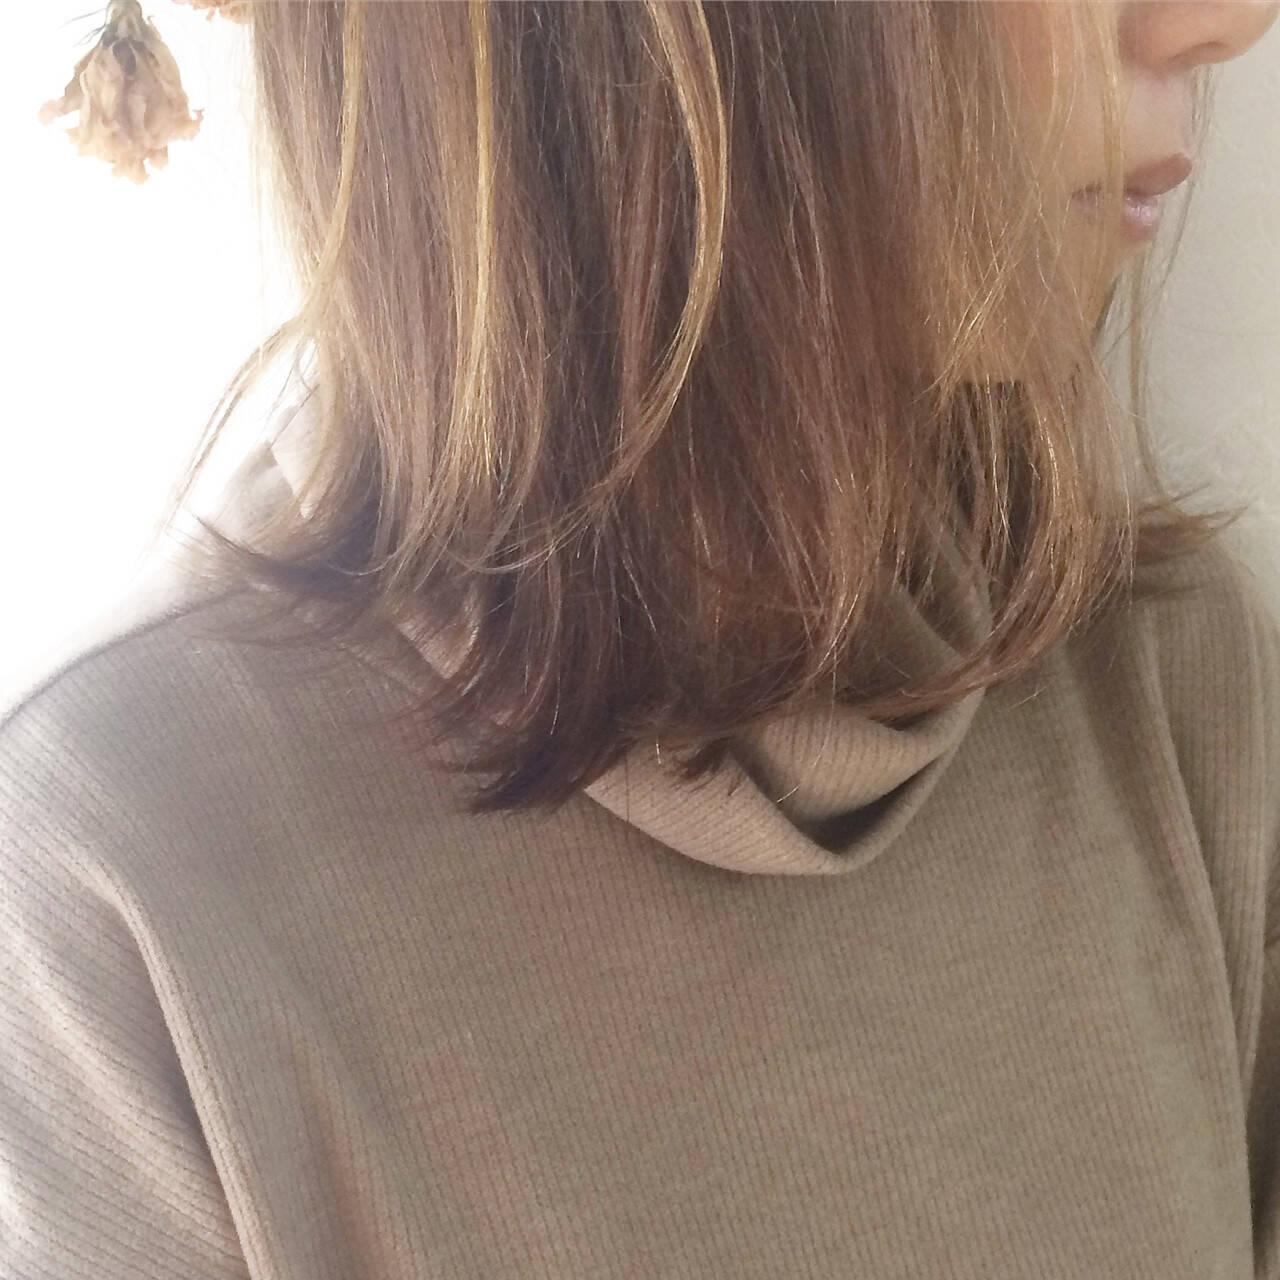 ミディアム ニュアンス ボブ ハイライトヘアスタイルや髪型の写真・画像